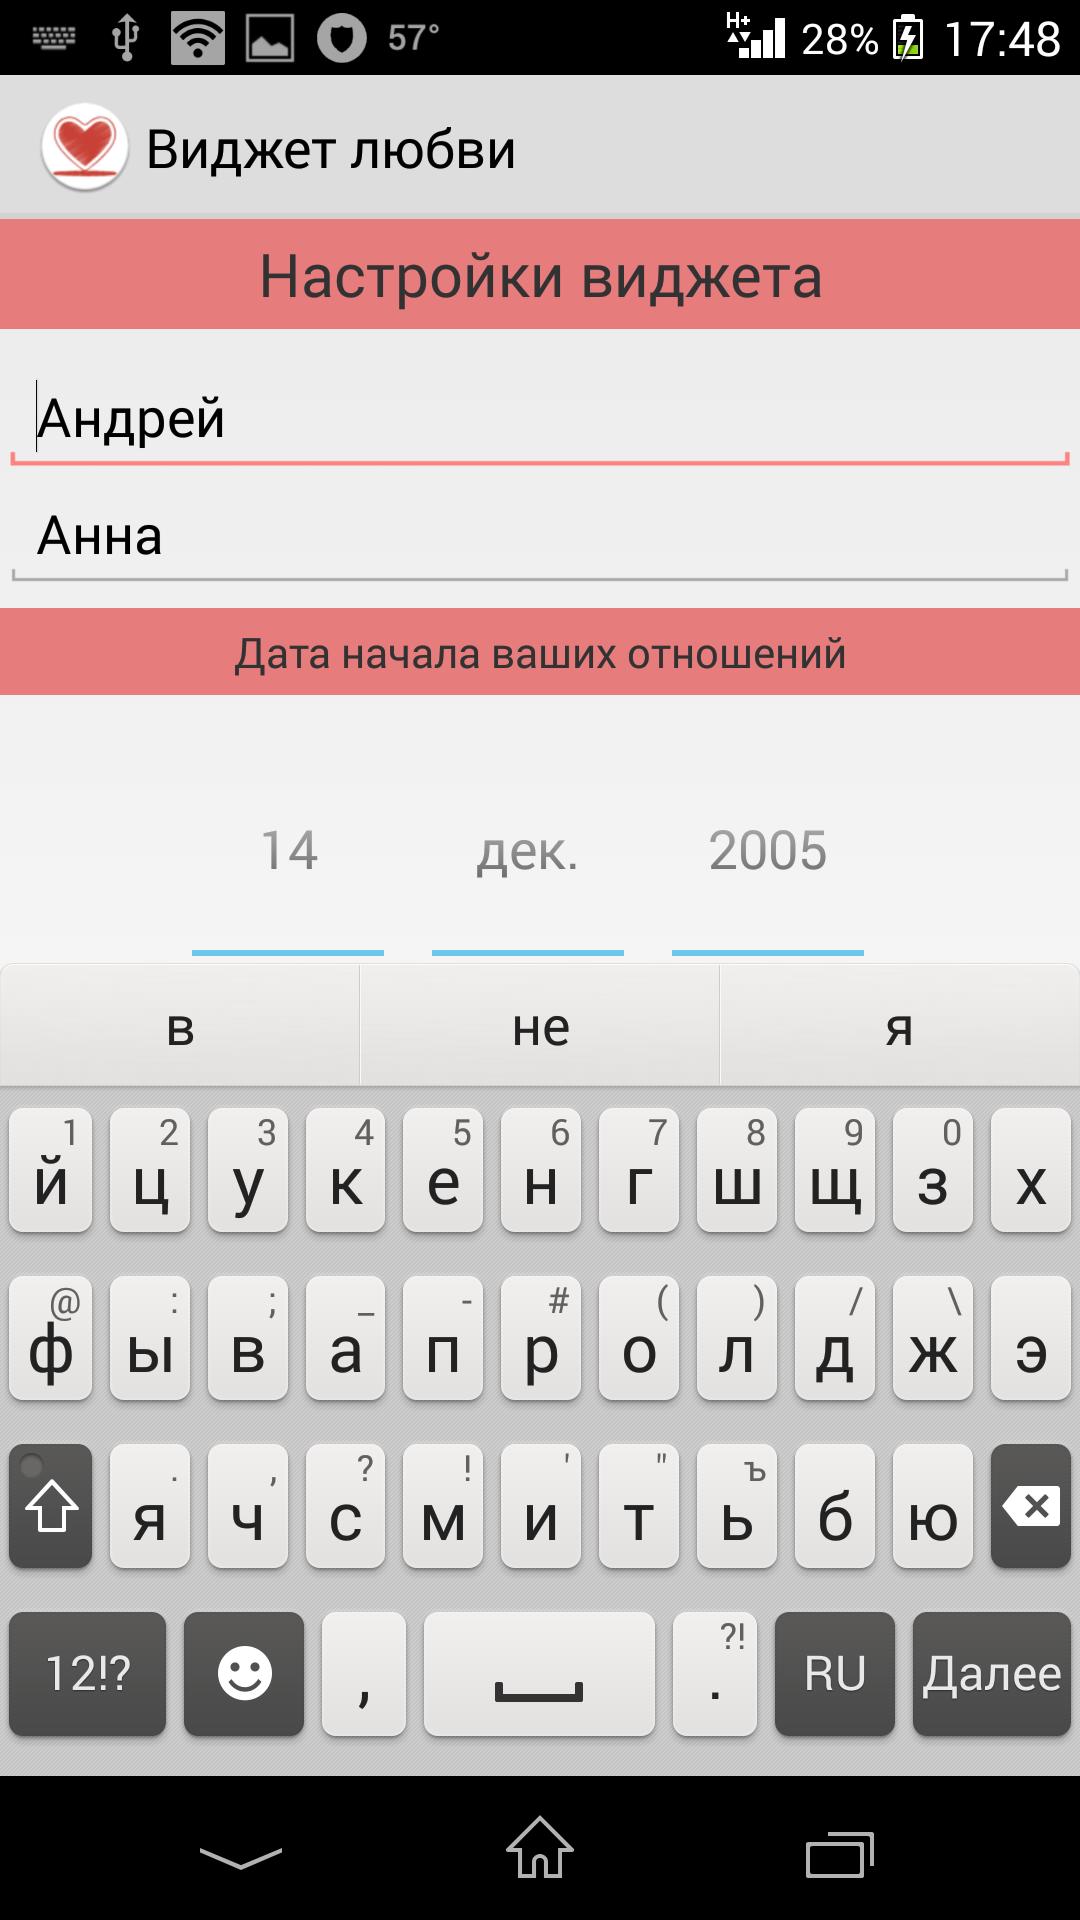 Имена - Виждет любви для Android